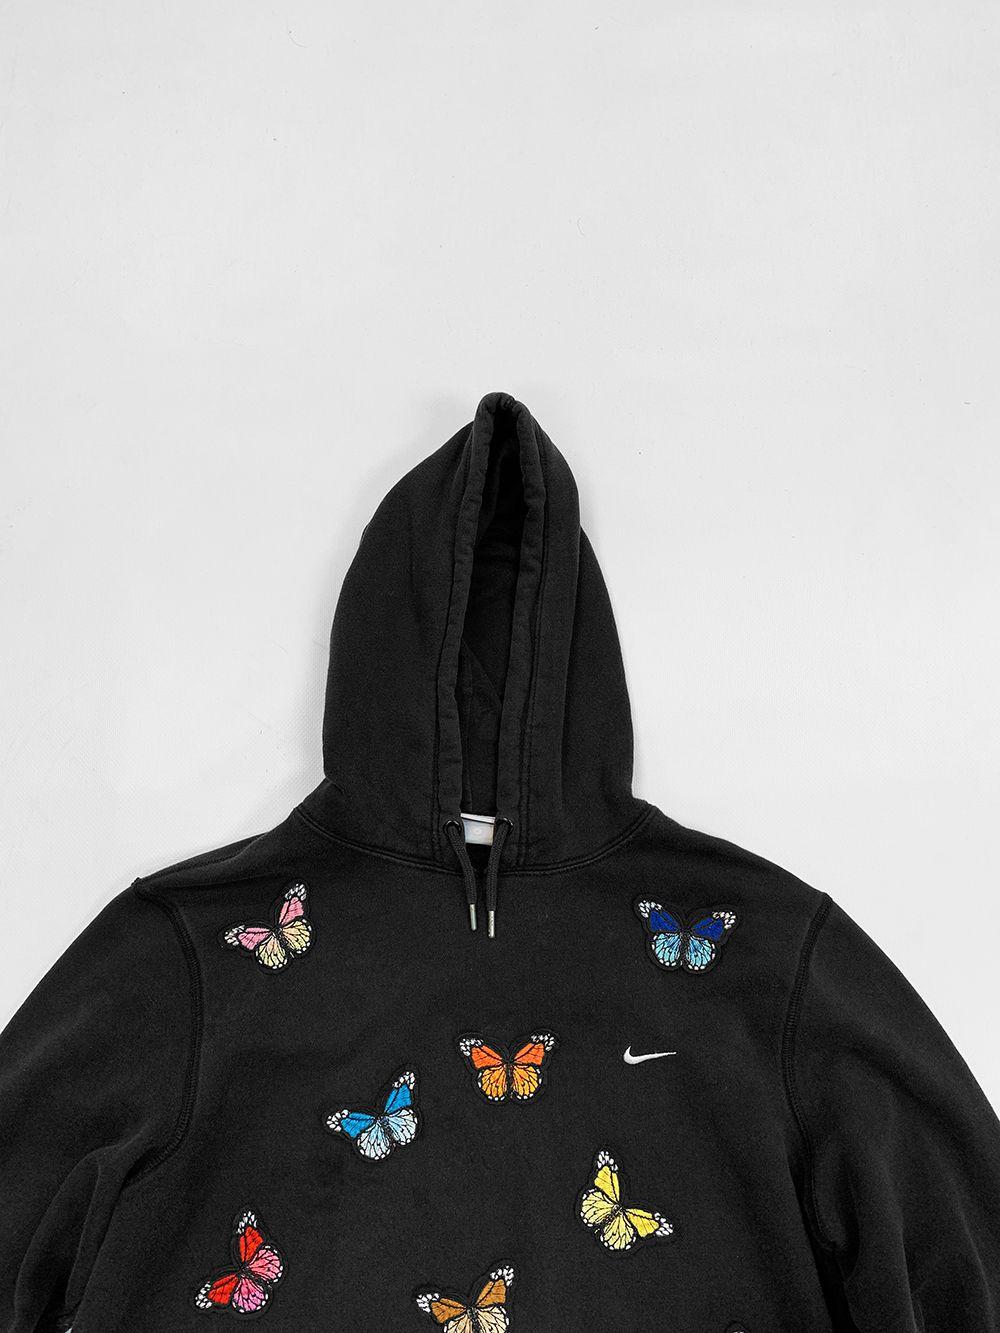 Nike 1 Of 1 Black Hoodie Medium Kyc Vintage Hoodies Urban Style Outfits Black Hoodie